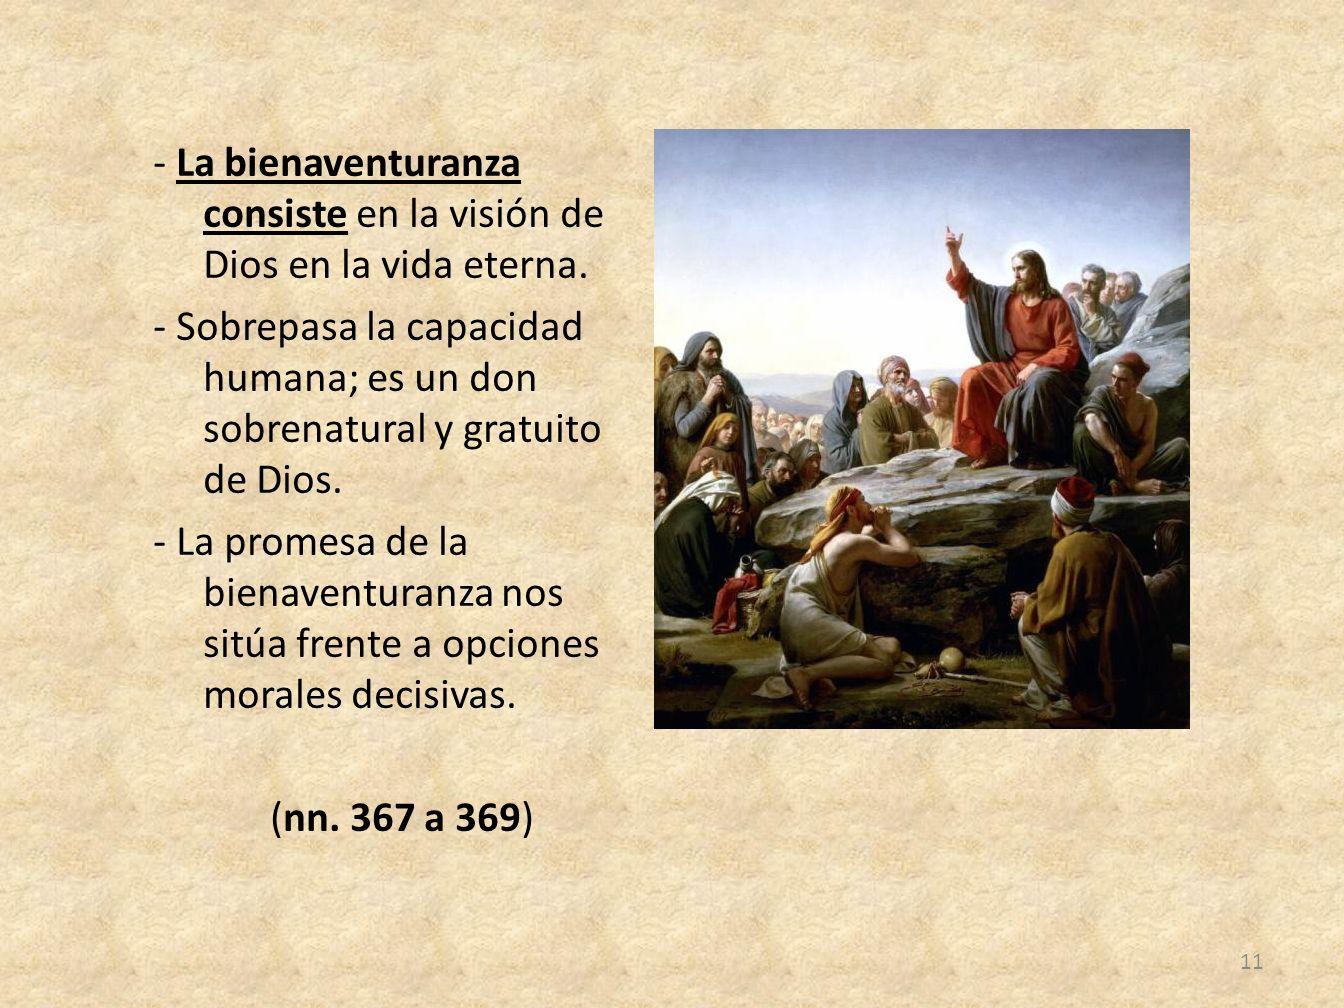 - La bienaventuranza consiste en la visión de Dios en la vida eterna